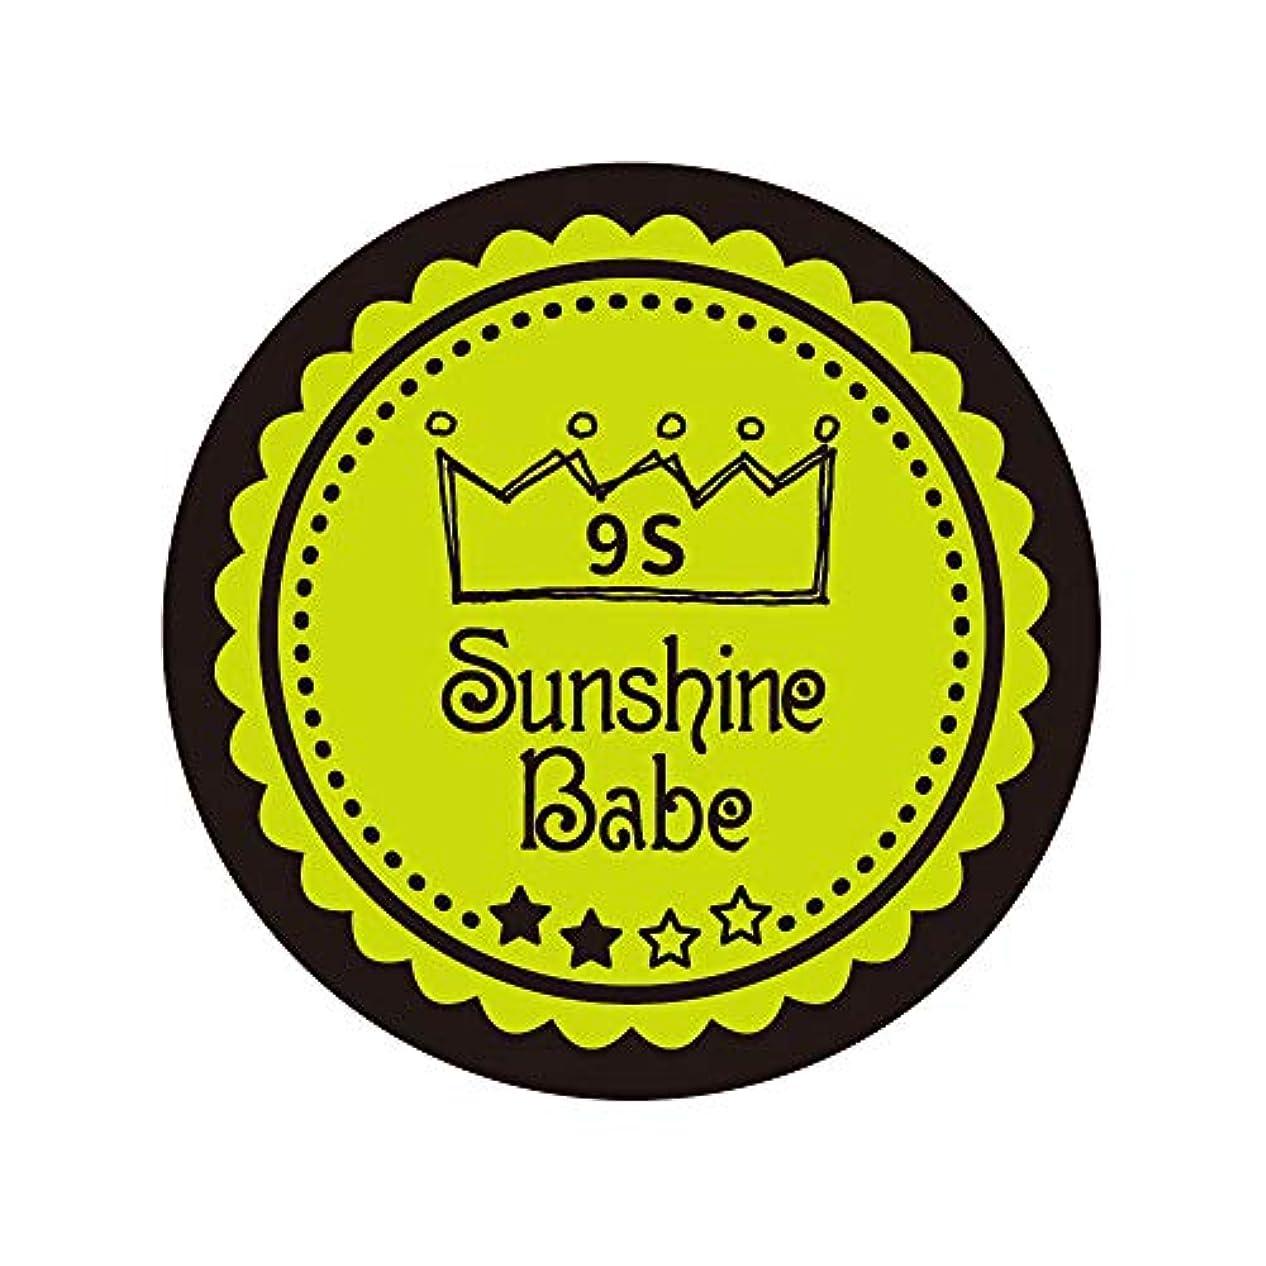 意味のあるそこ賭けSunshine Babe カラージェル 9S ライムパンチ 2.7g UV/LED対応